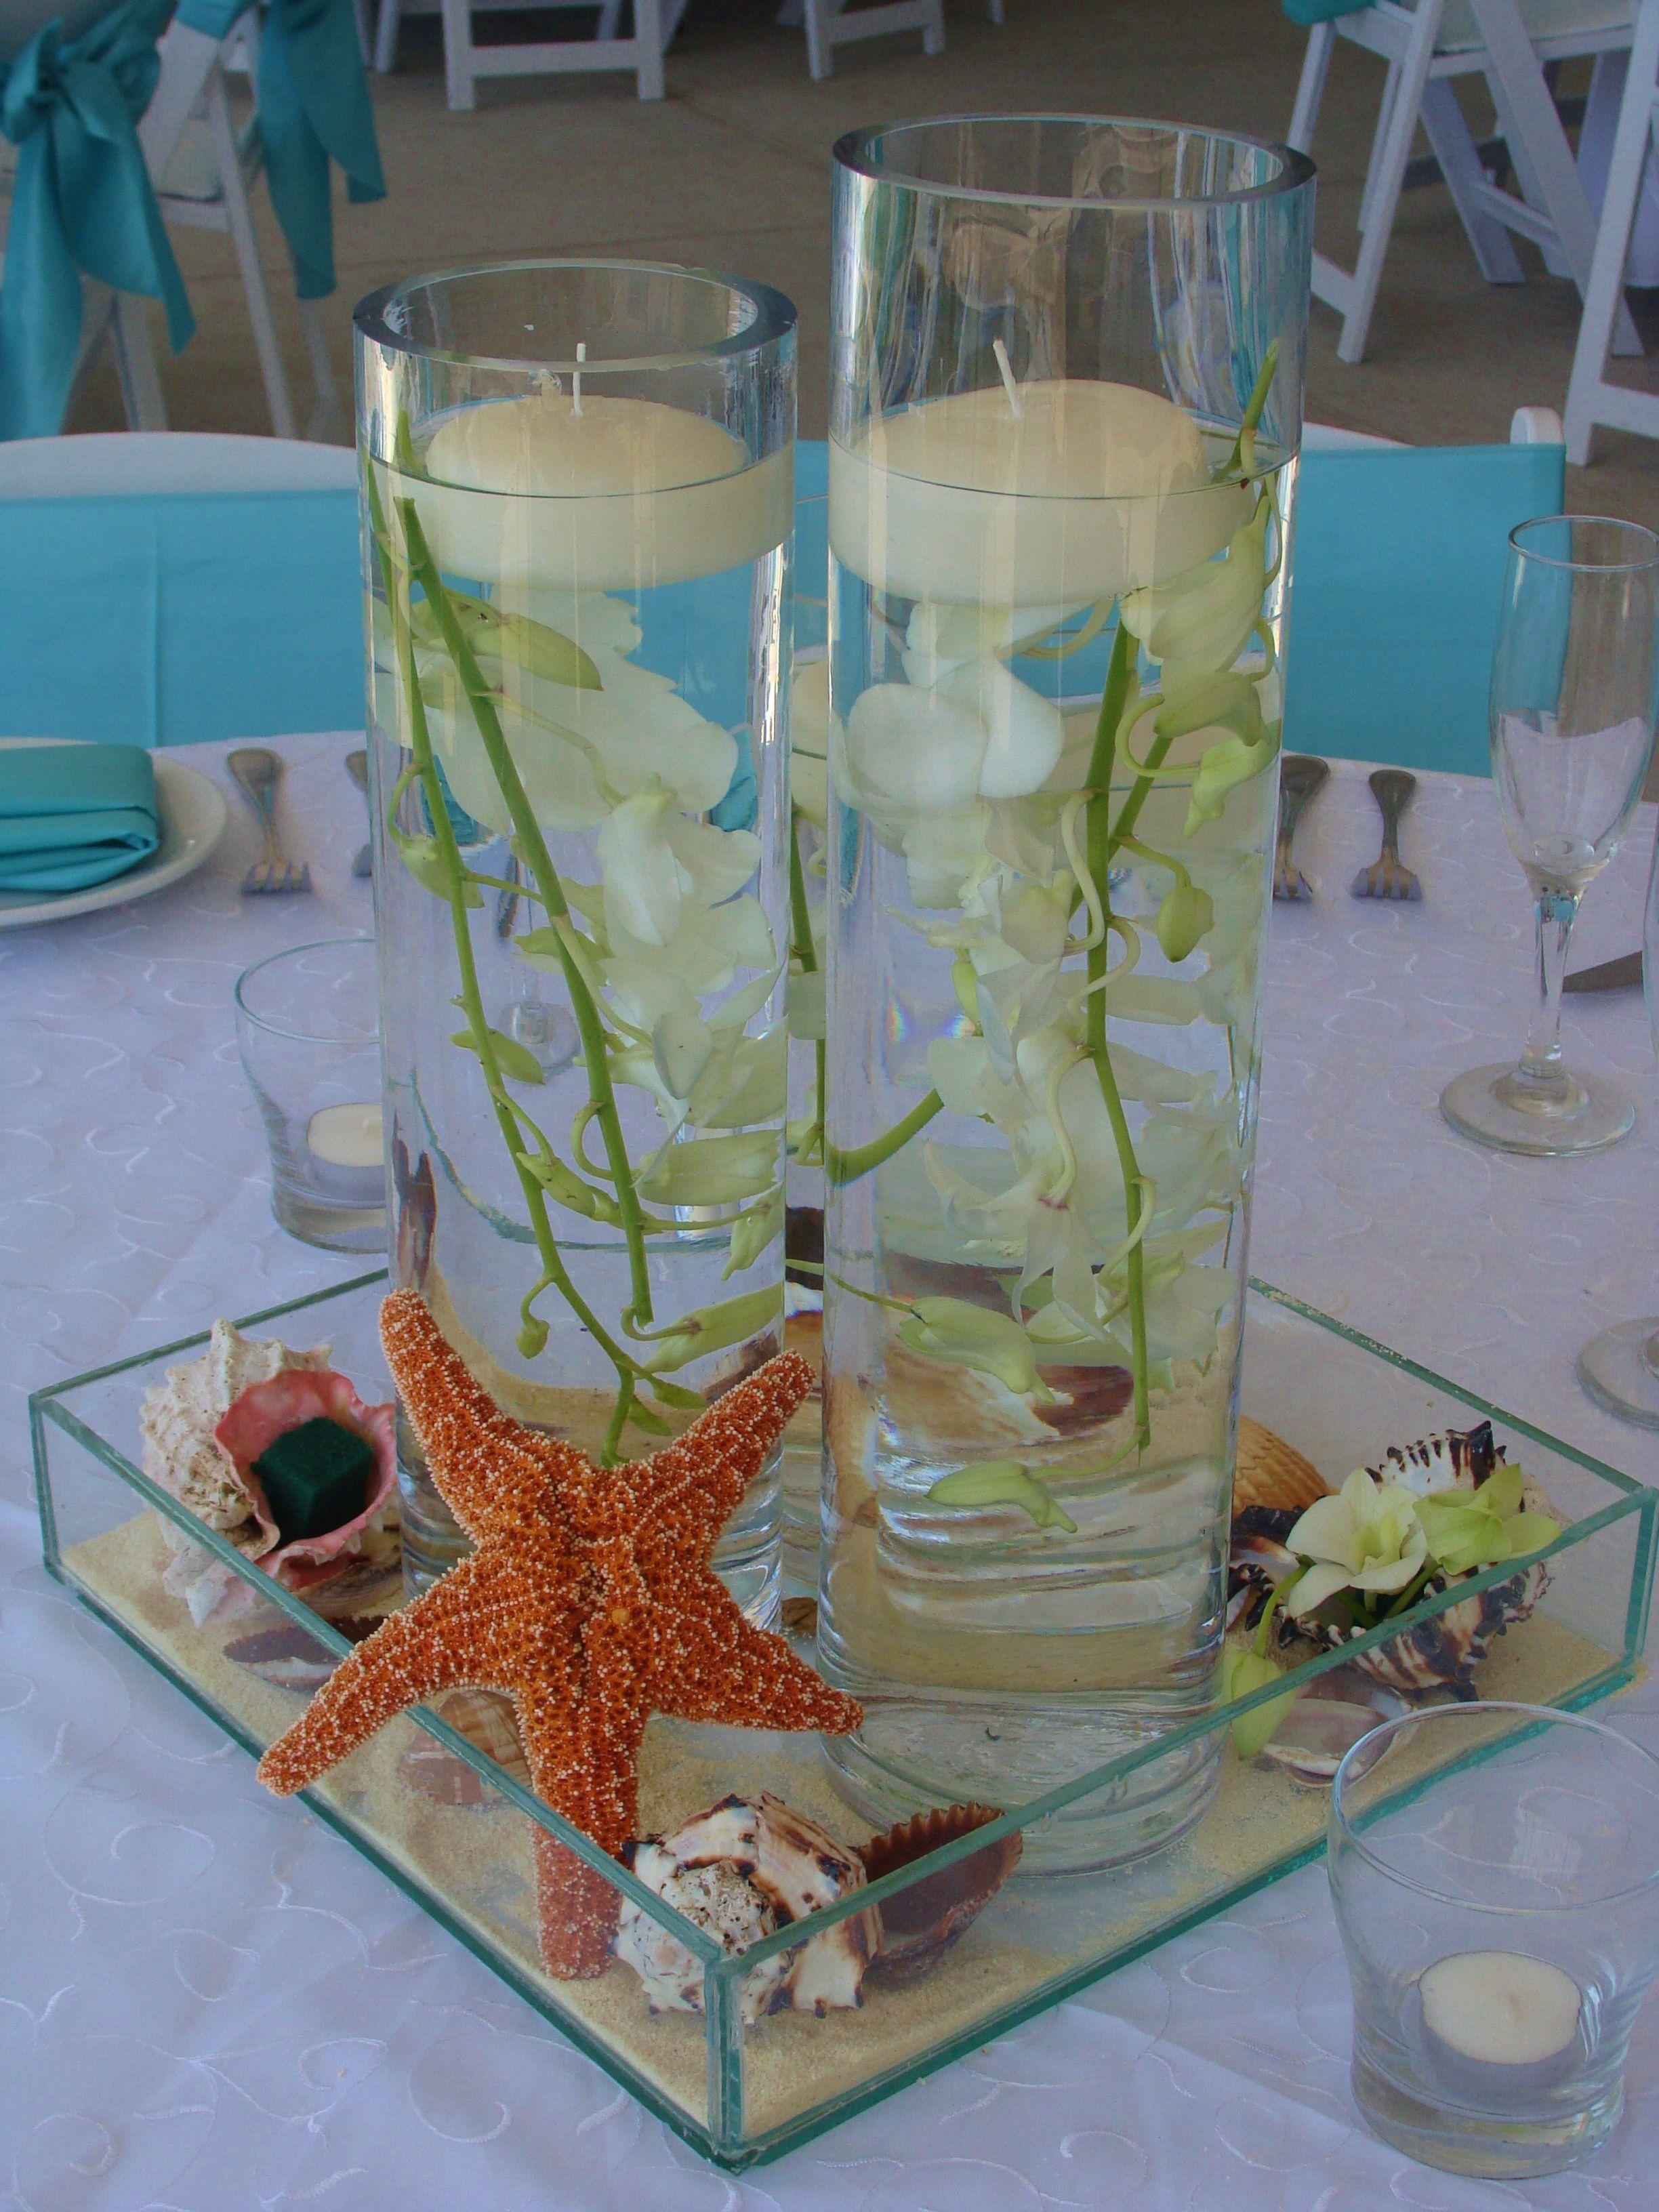 Centro de mesa cilindros con agua y orquideas sumergidas - Base de vela ...